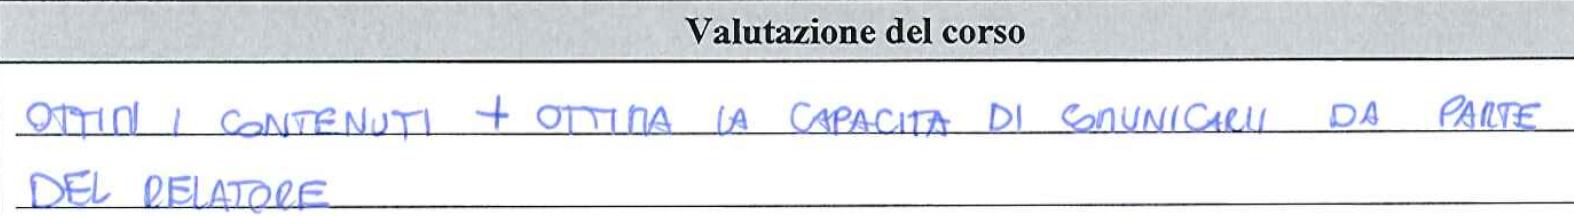 Giudizio-Corso-Web-marketing-006